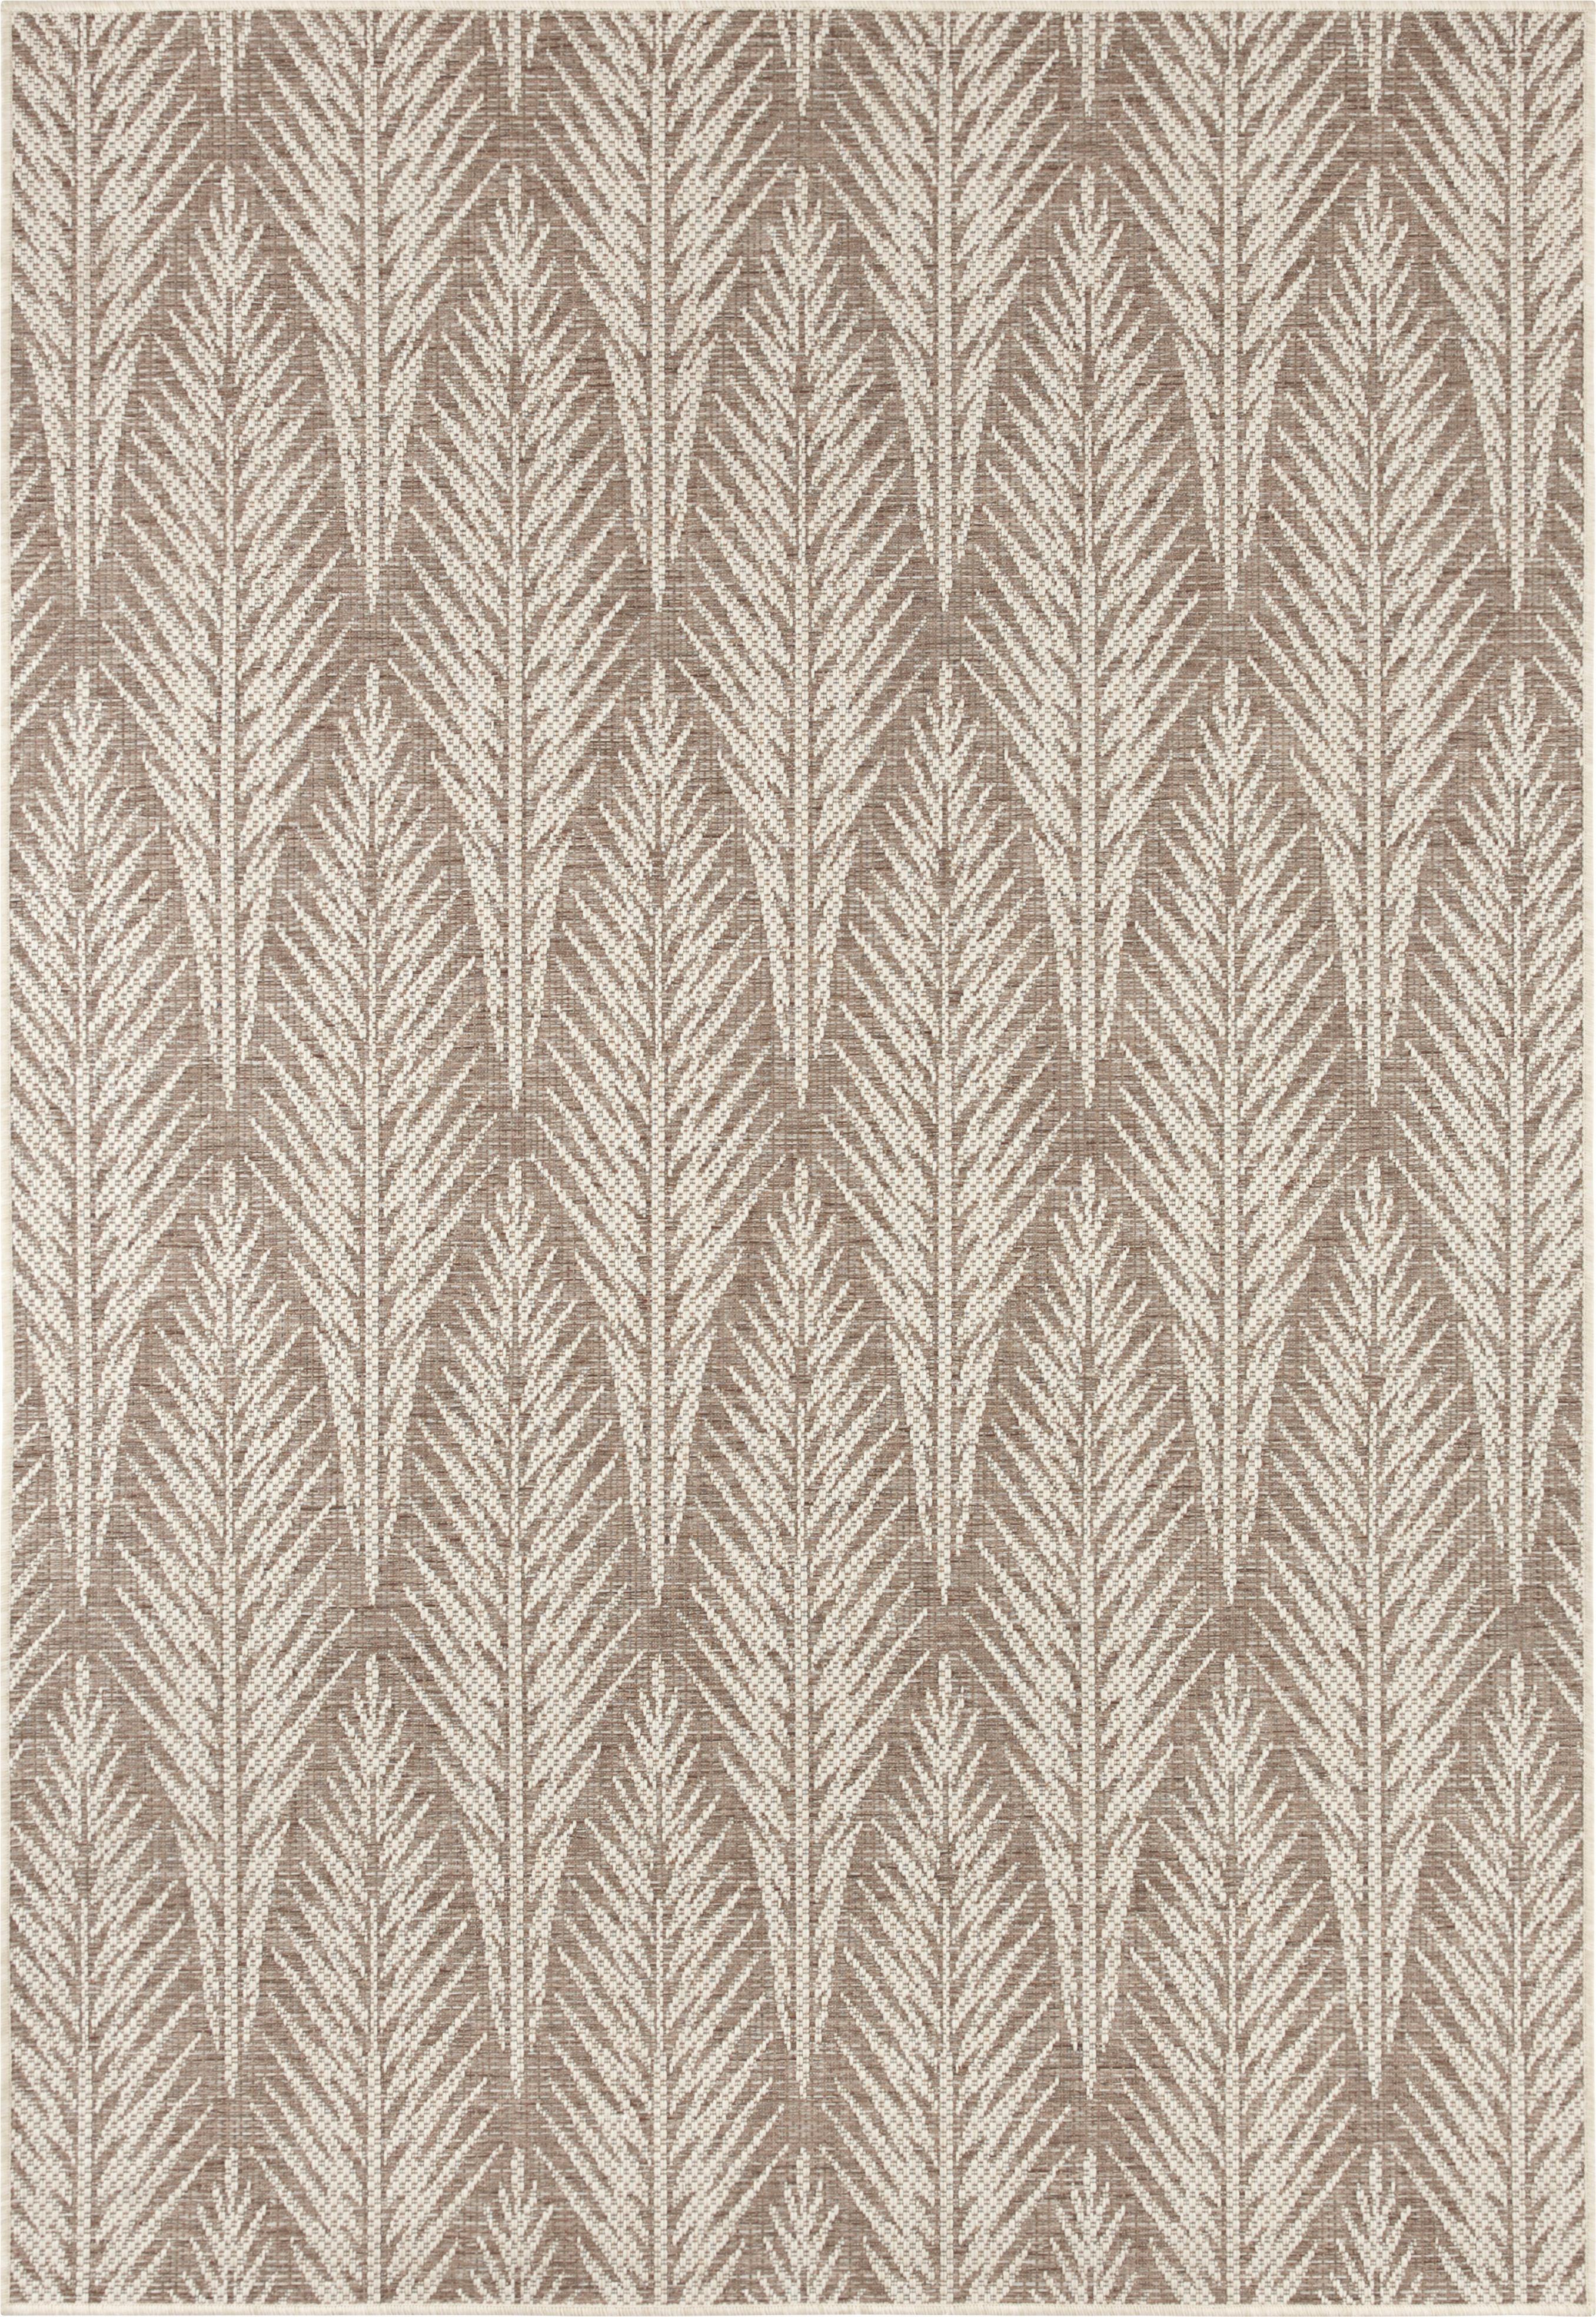 Design In- & Outdoor-Teppich Pella mit grafischem Muster, 100% Polypropylen, Taupe, Beige, B 160 x L 230 cm (Größe M)